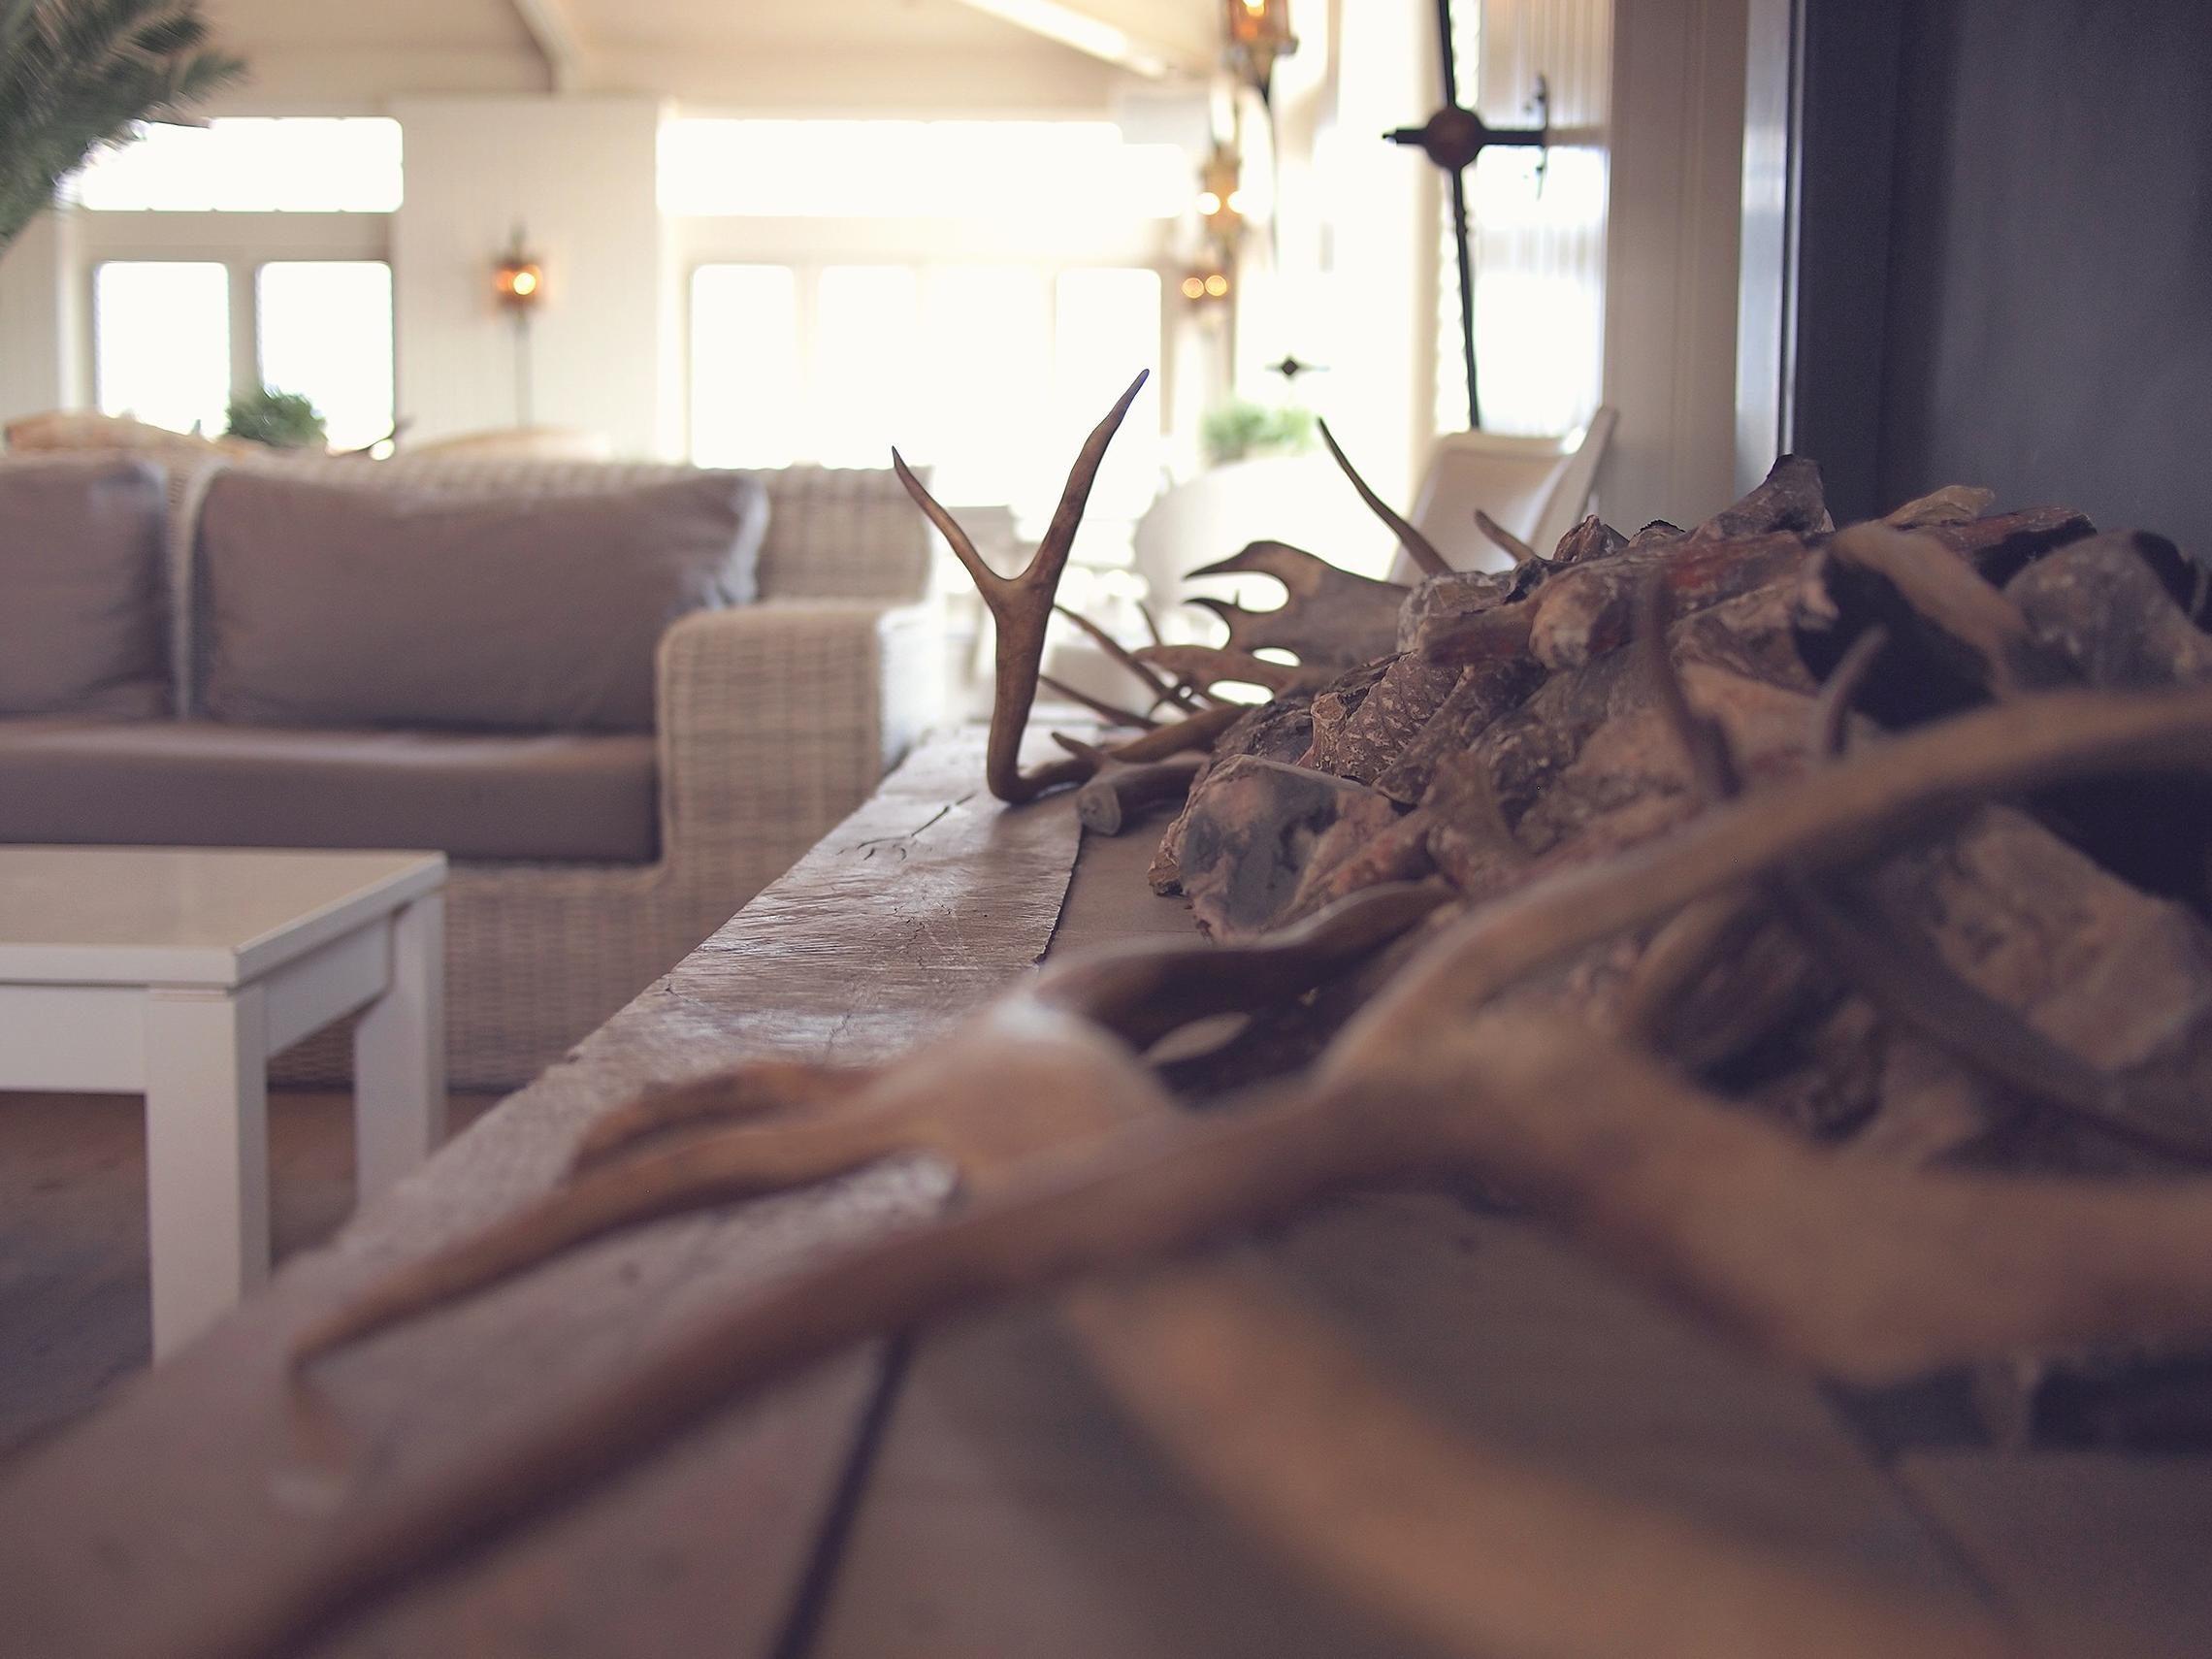 Image libre maison lit canapé bureau meuble pièce intérieur